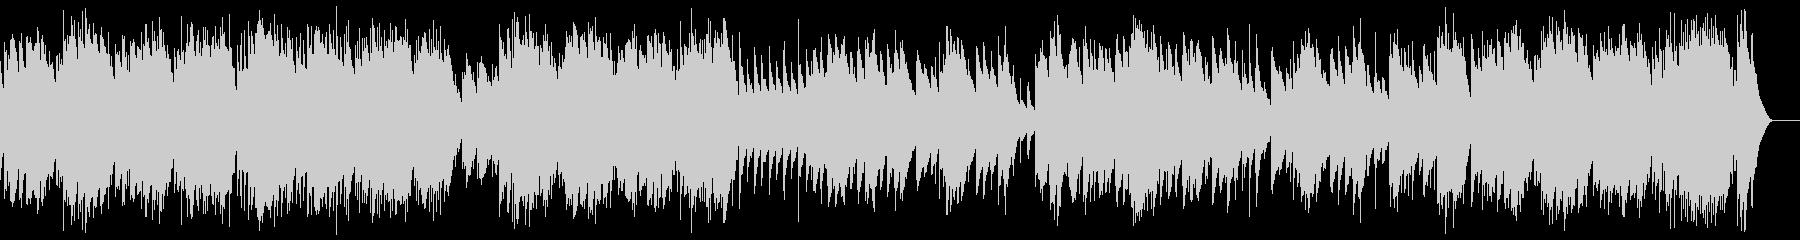 カルメン 終曲(闘牛士)(オルゴール)の未再生の波形